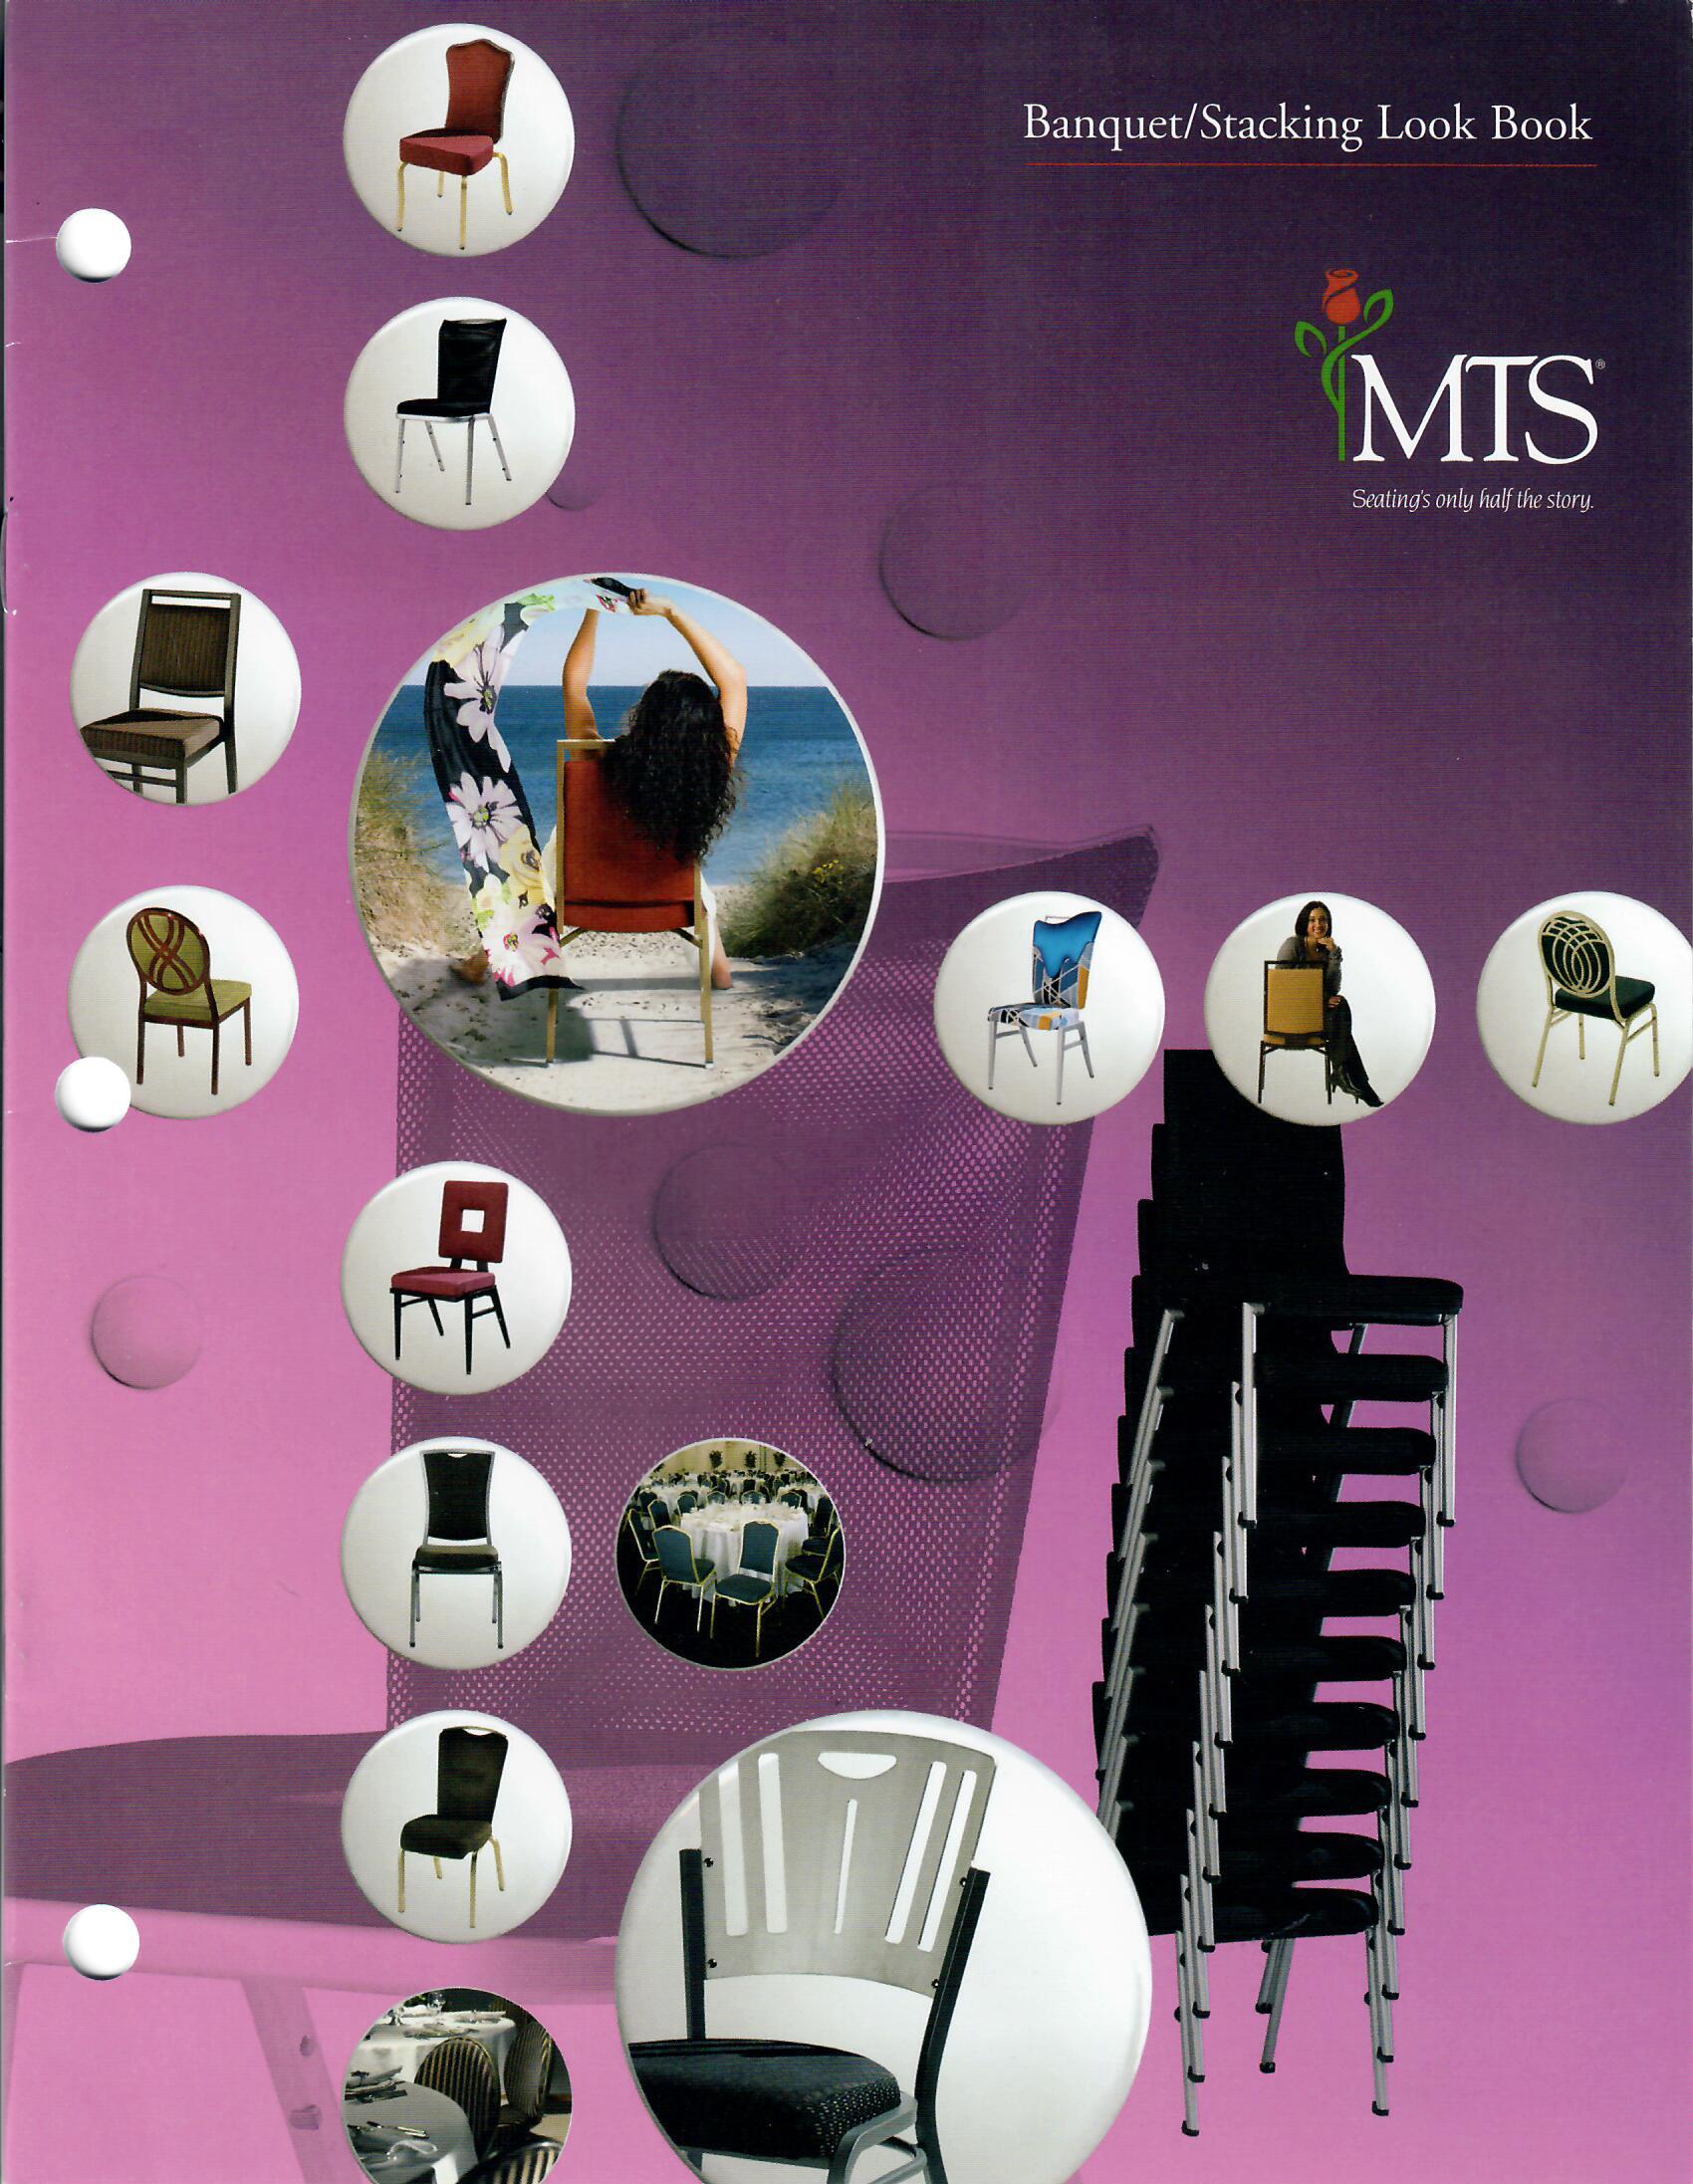 MTS Banquet Furniture